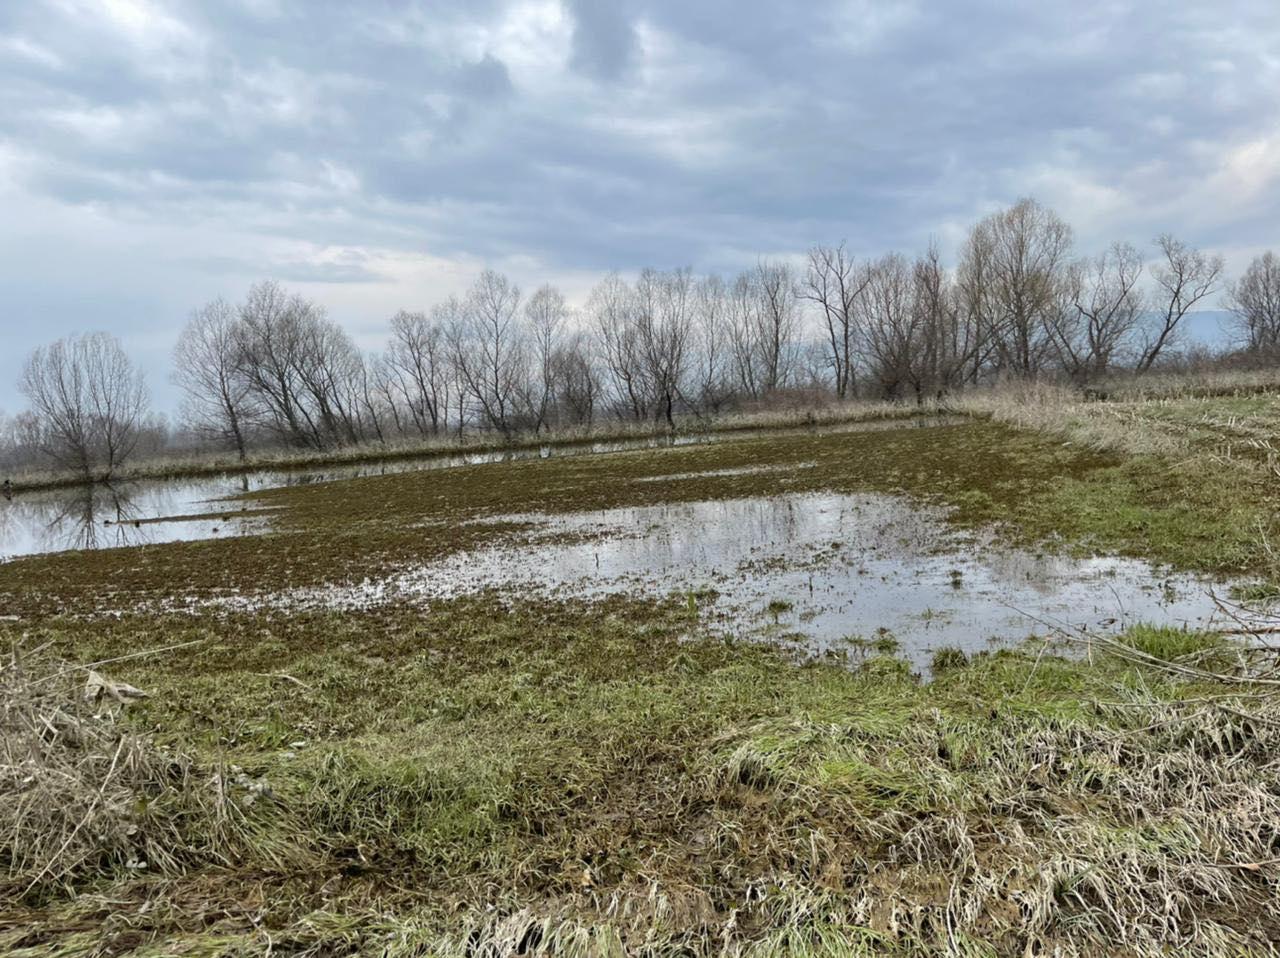 1625 sipërfaqe toke ende nën ujë, Bashkia e Shkodrës bën bilancin e përmbytjeve